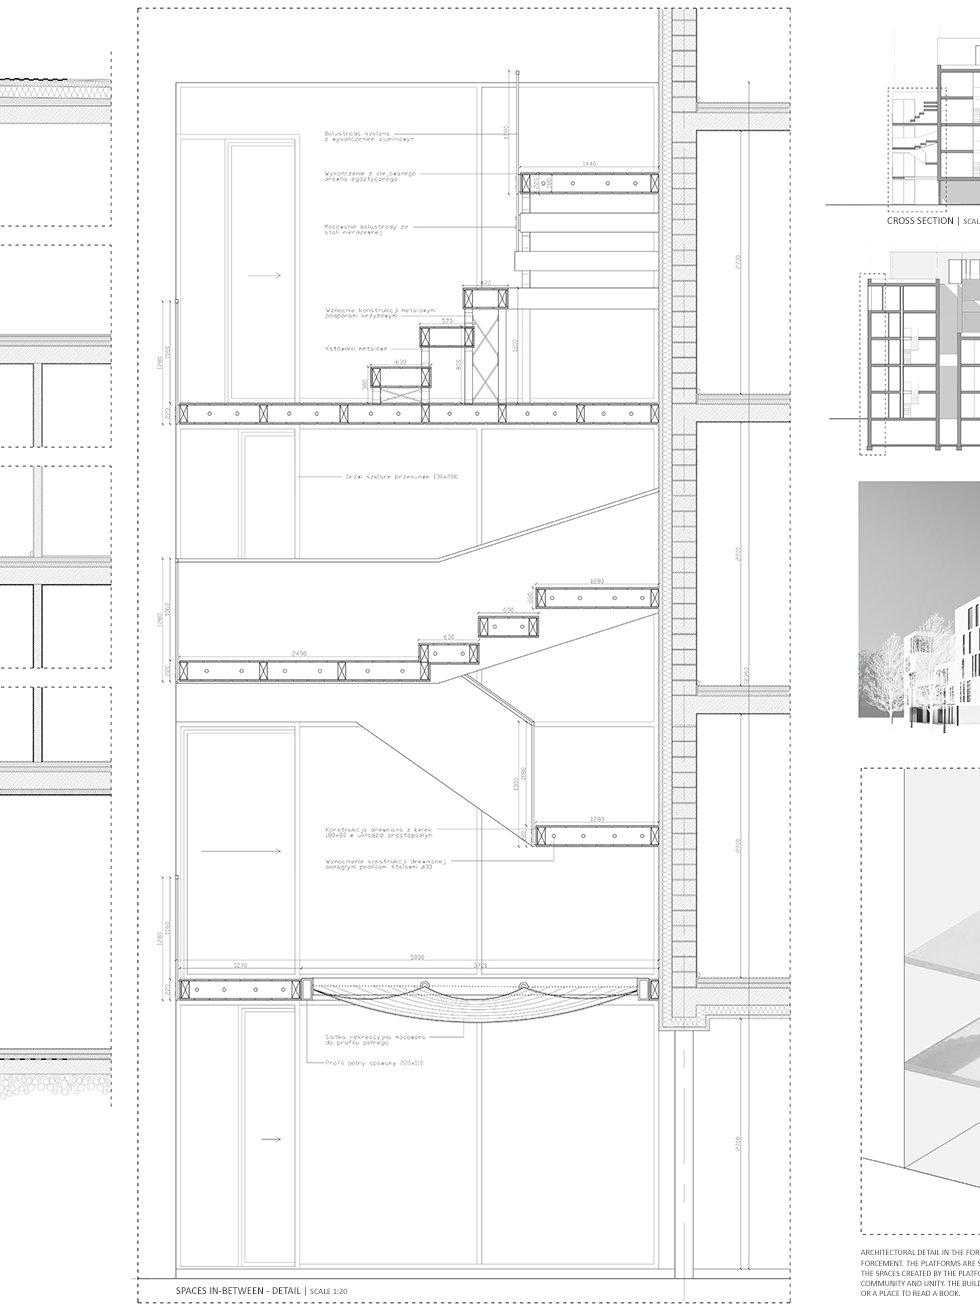 Plans_03(smaller).jpg